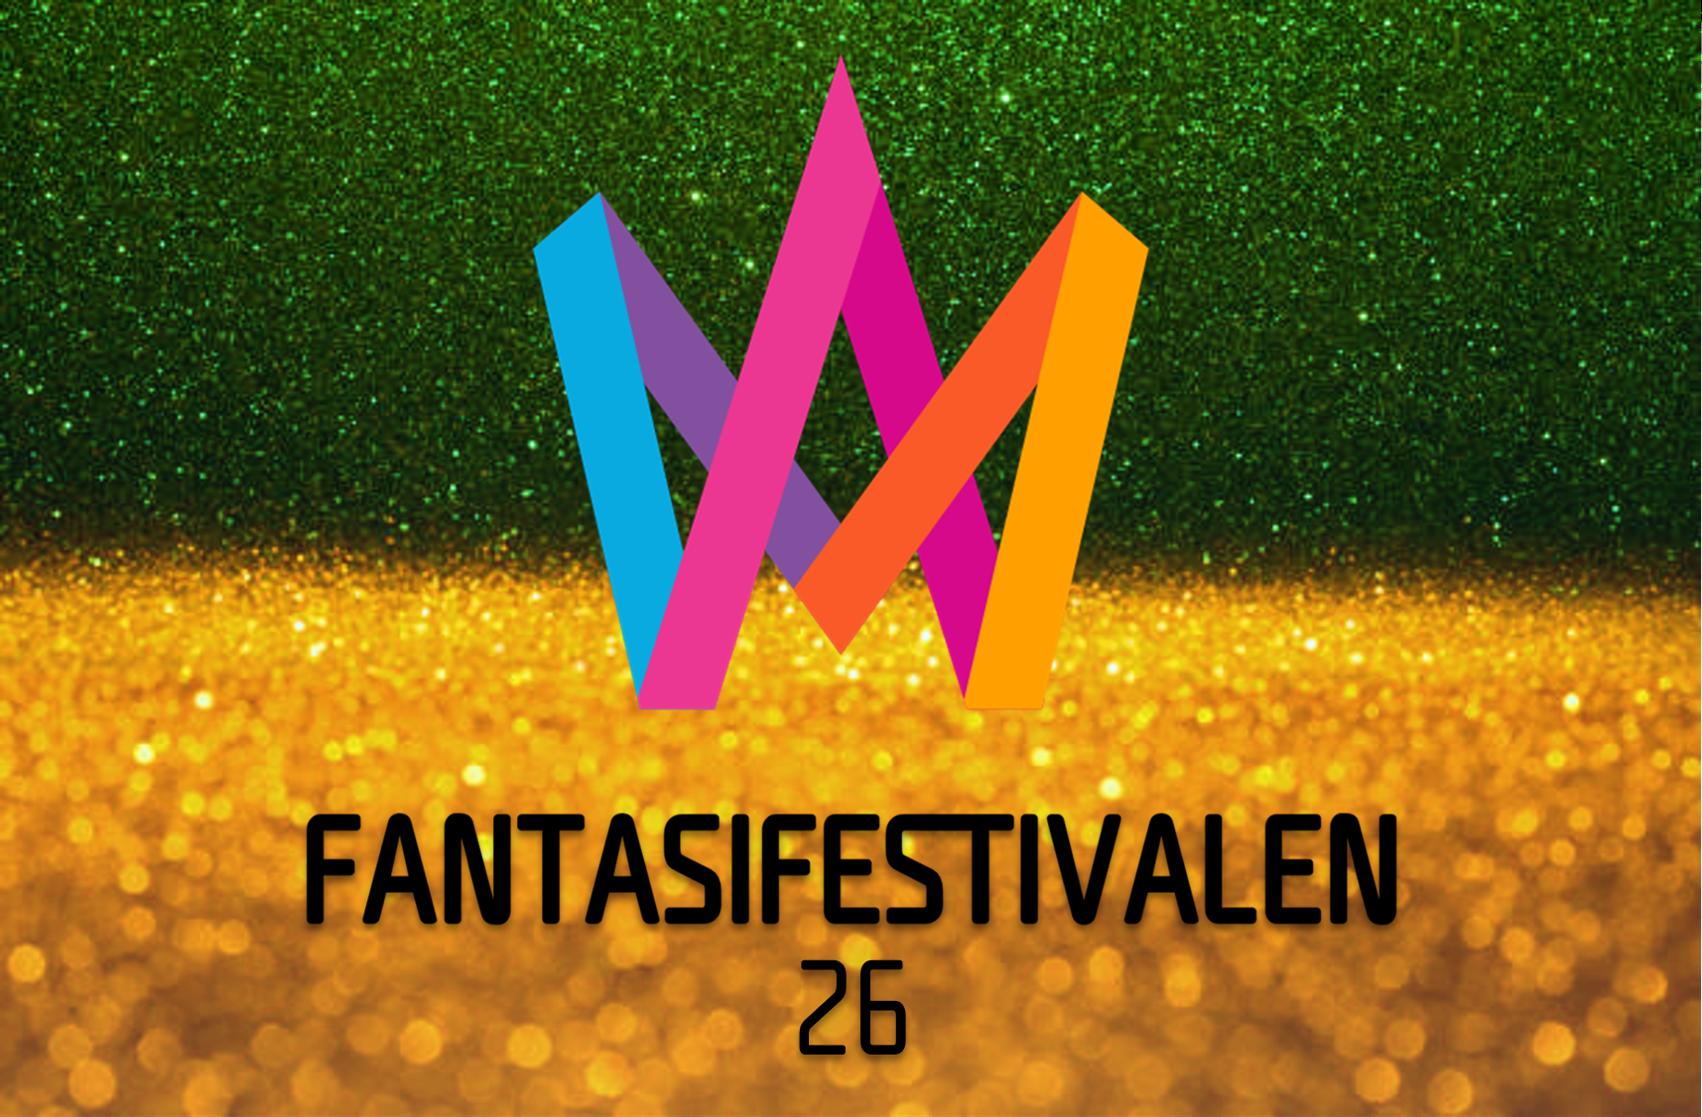 Fantasifestivalen 26